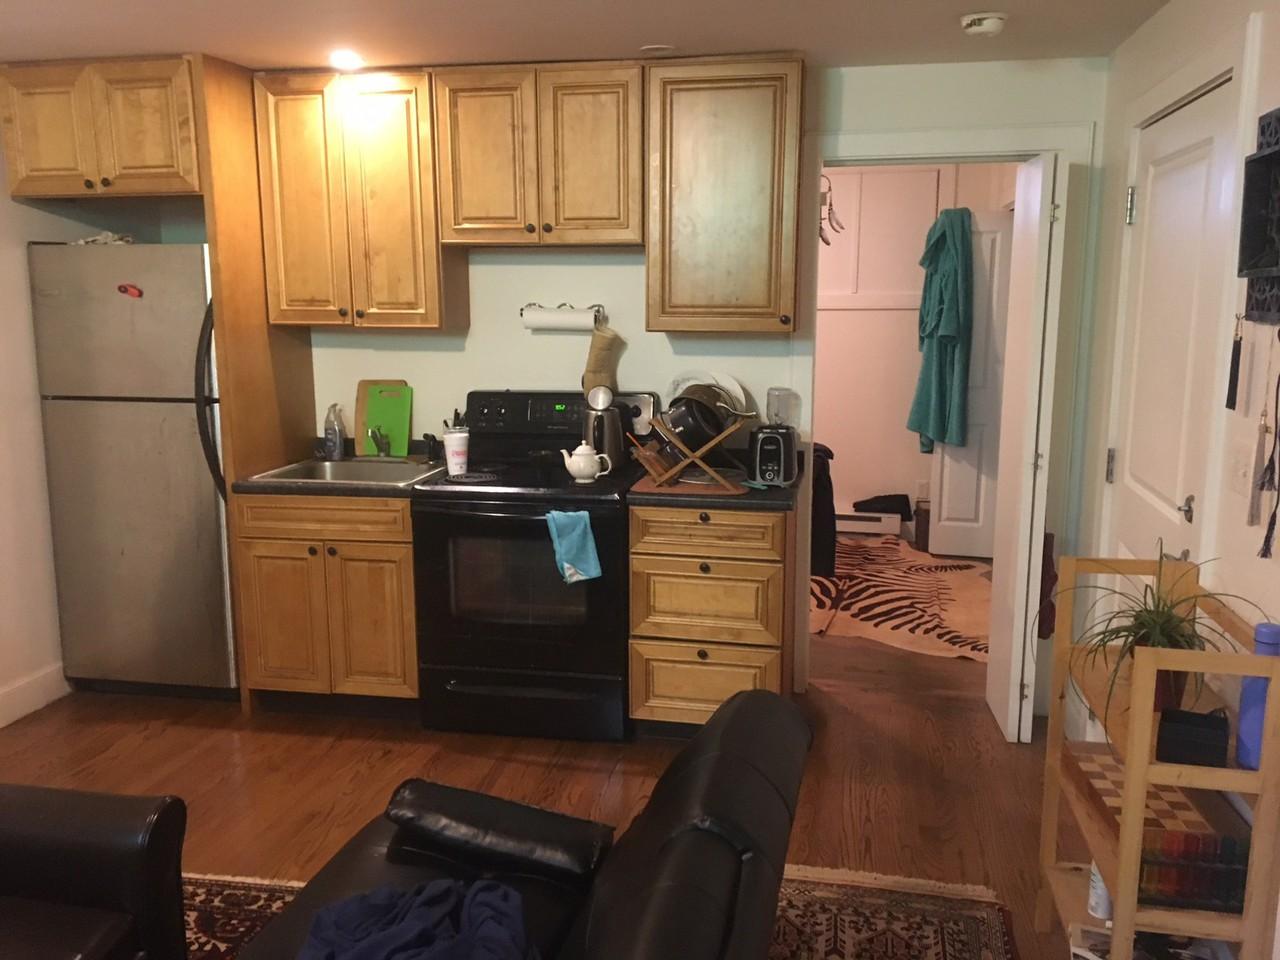 842 Dorchester Avenue, Boston, MA 02125 Studio Apartment for Rent ...